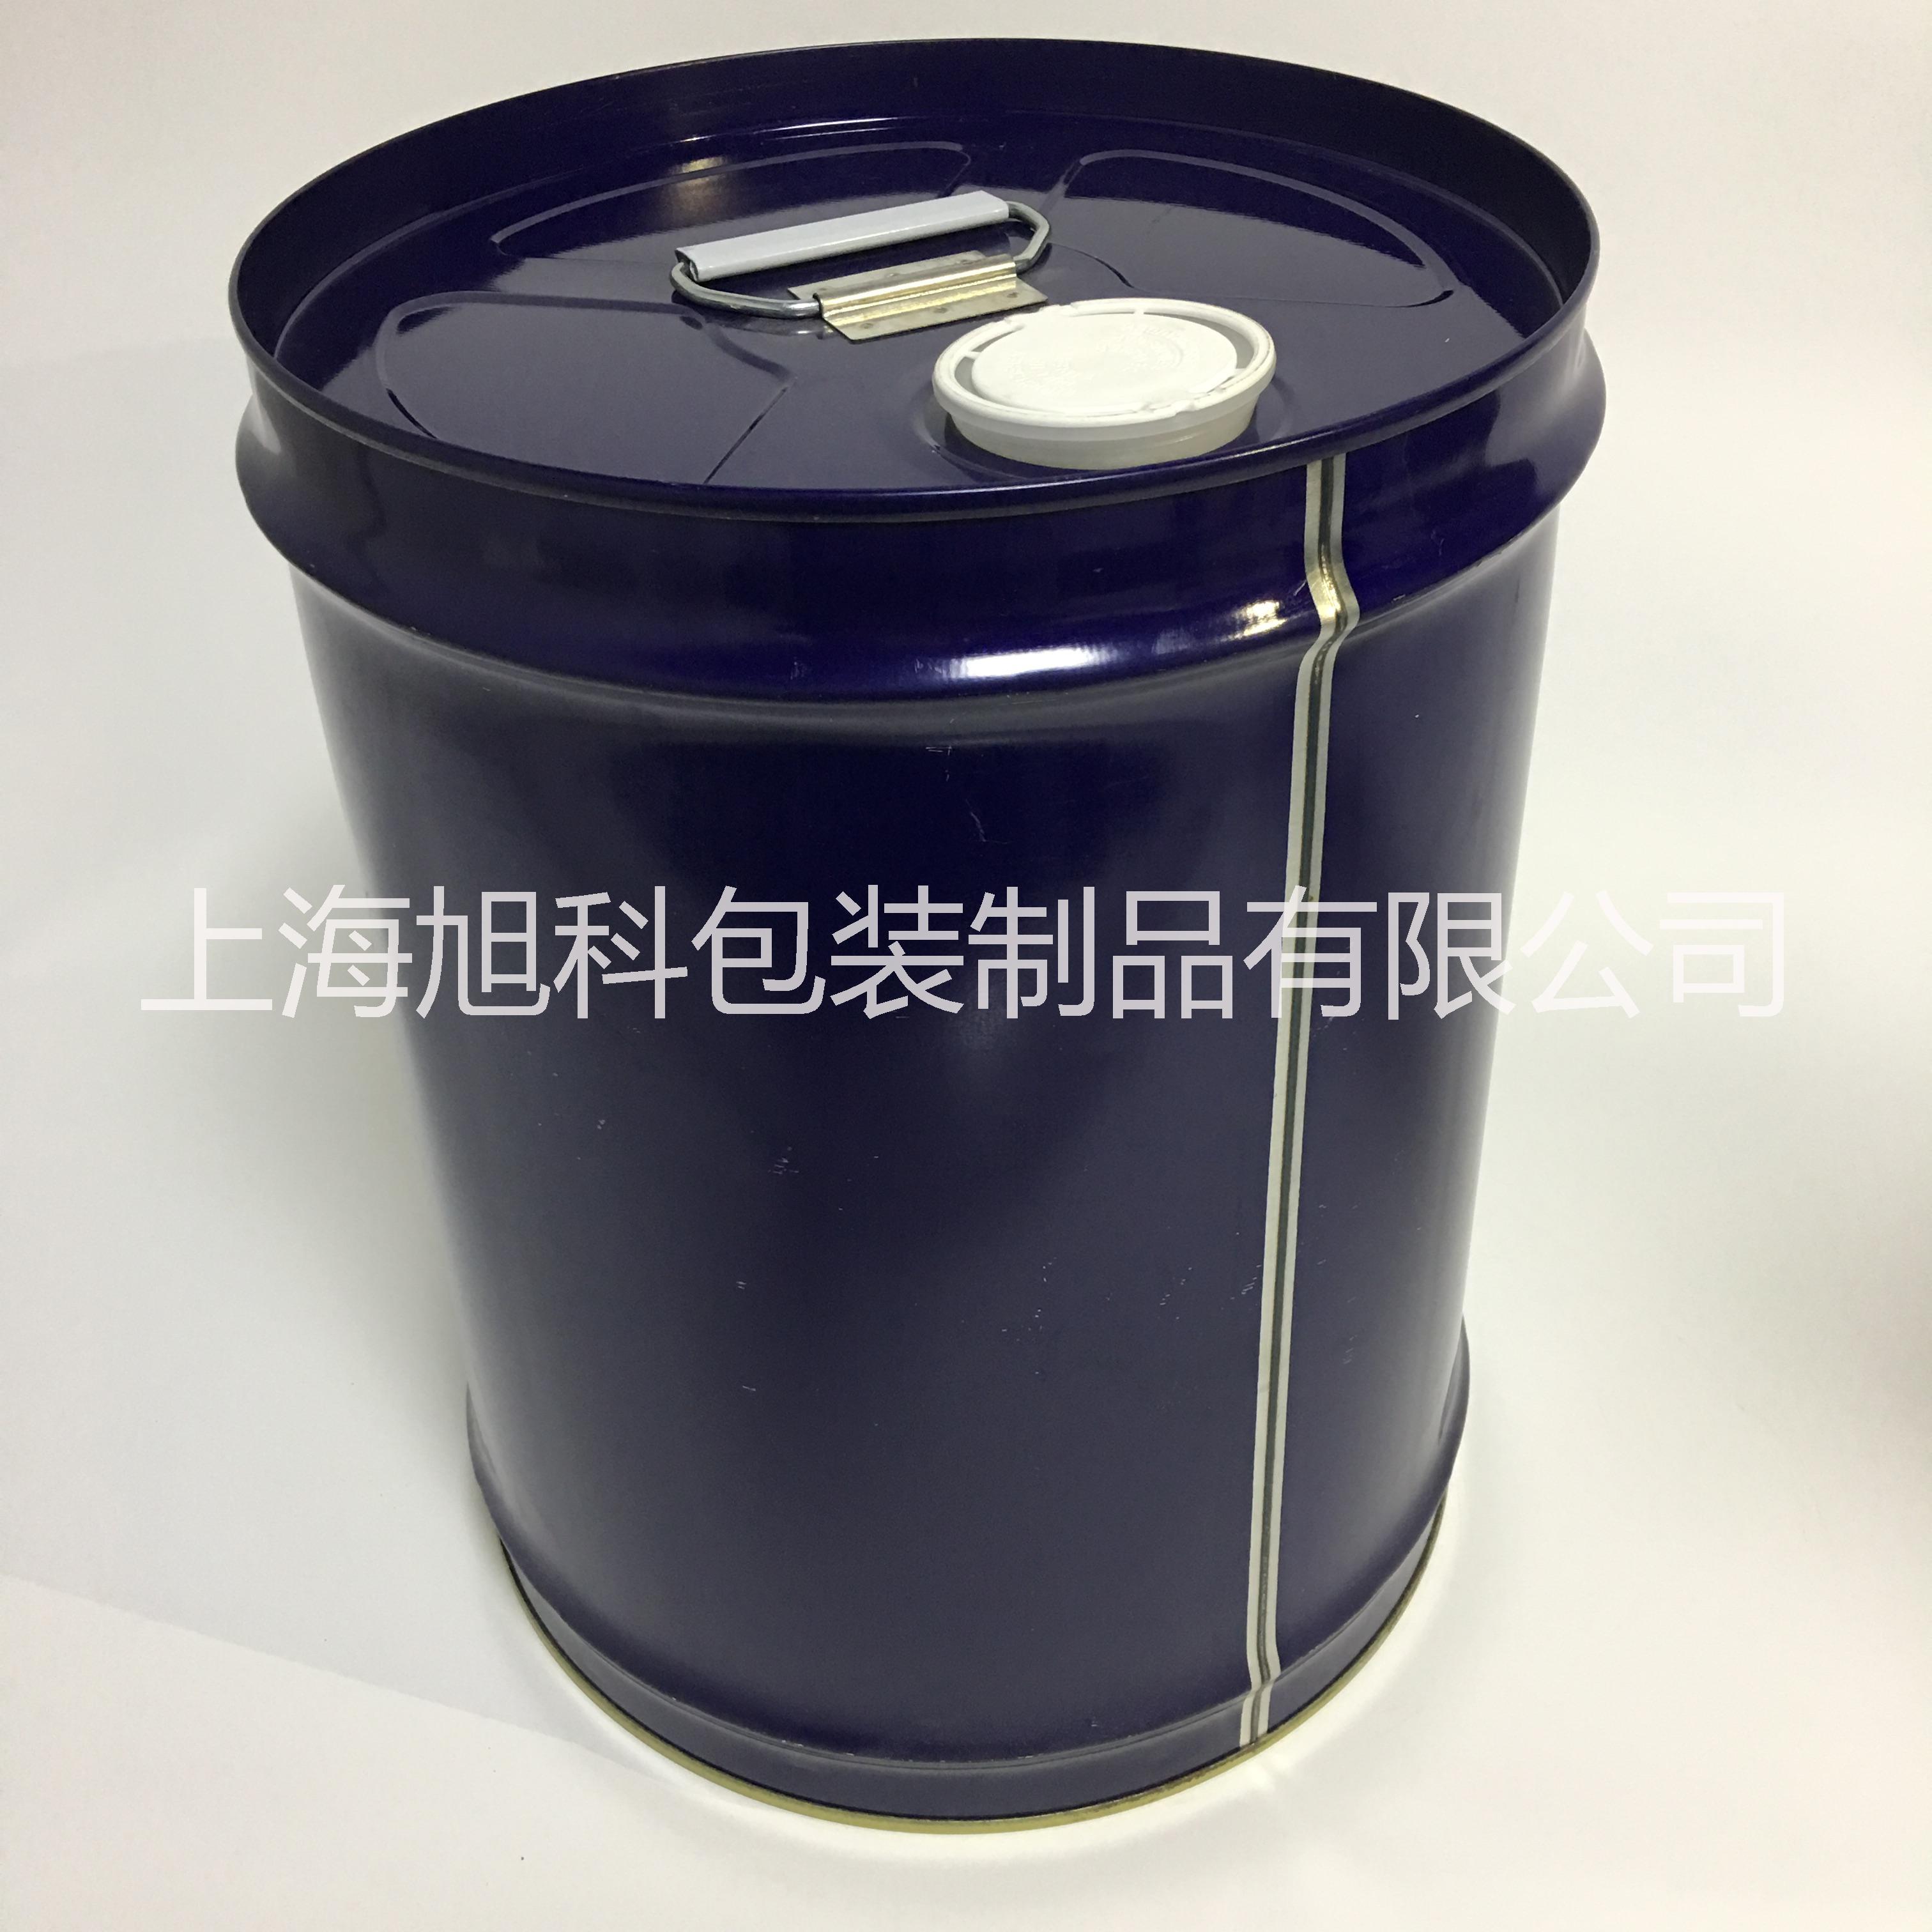 进口20kg化工小铁桶上海铁桶定制加工 20L冷冻油桶复盛油桶